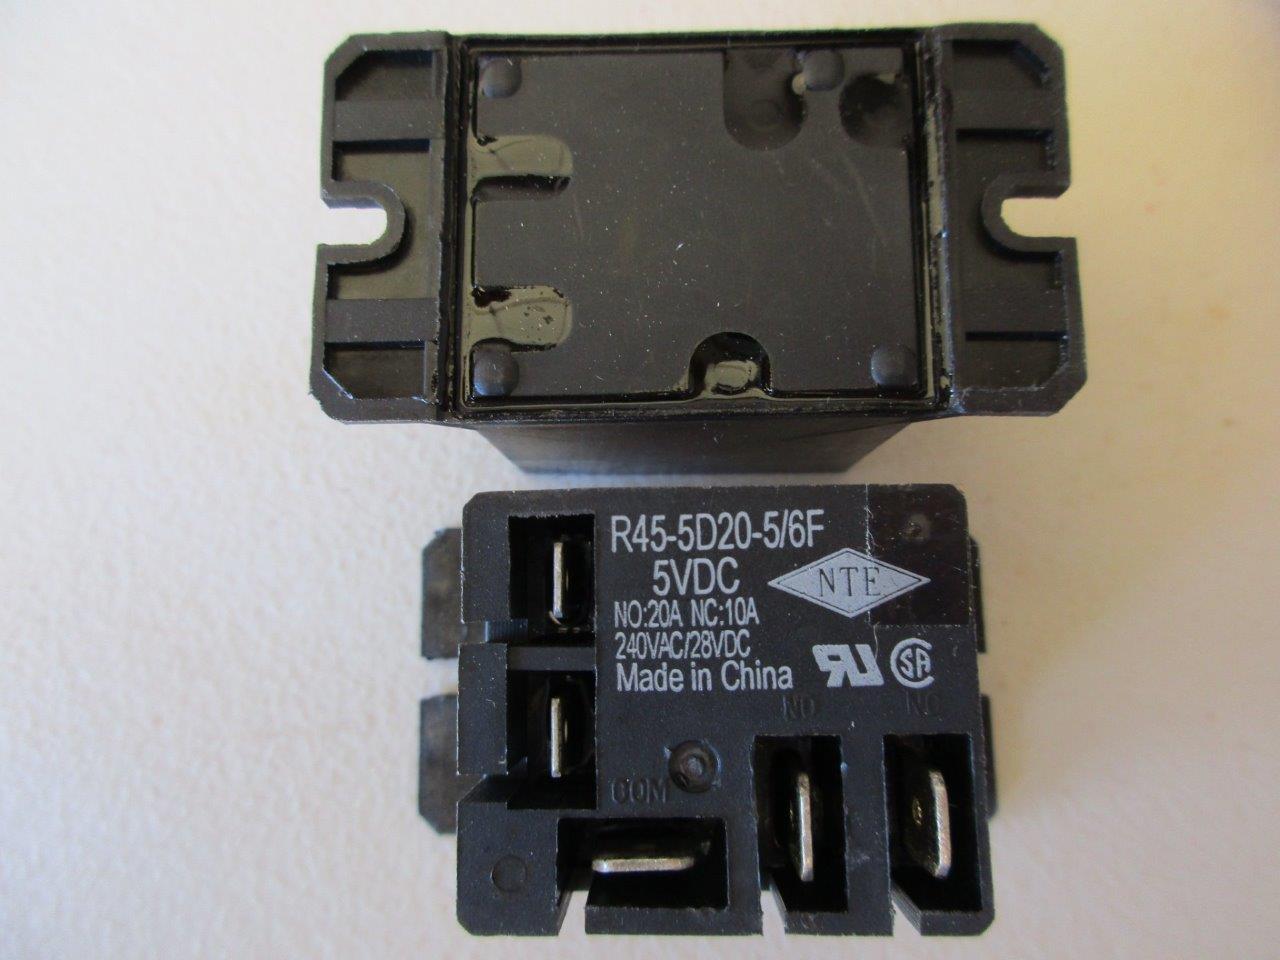 1x Nte Relay R45 5d20 12 Spdt 20 Amp Volt Dc Ebay 24 To